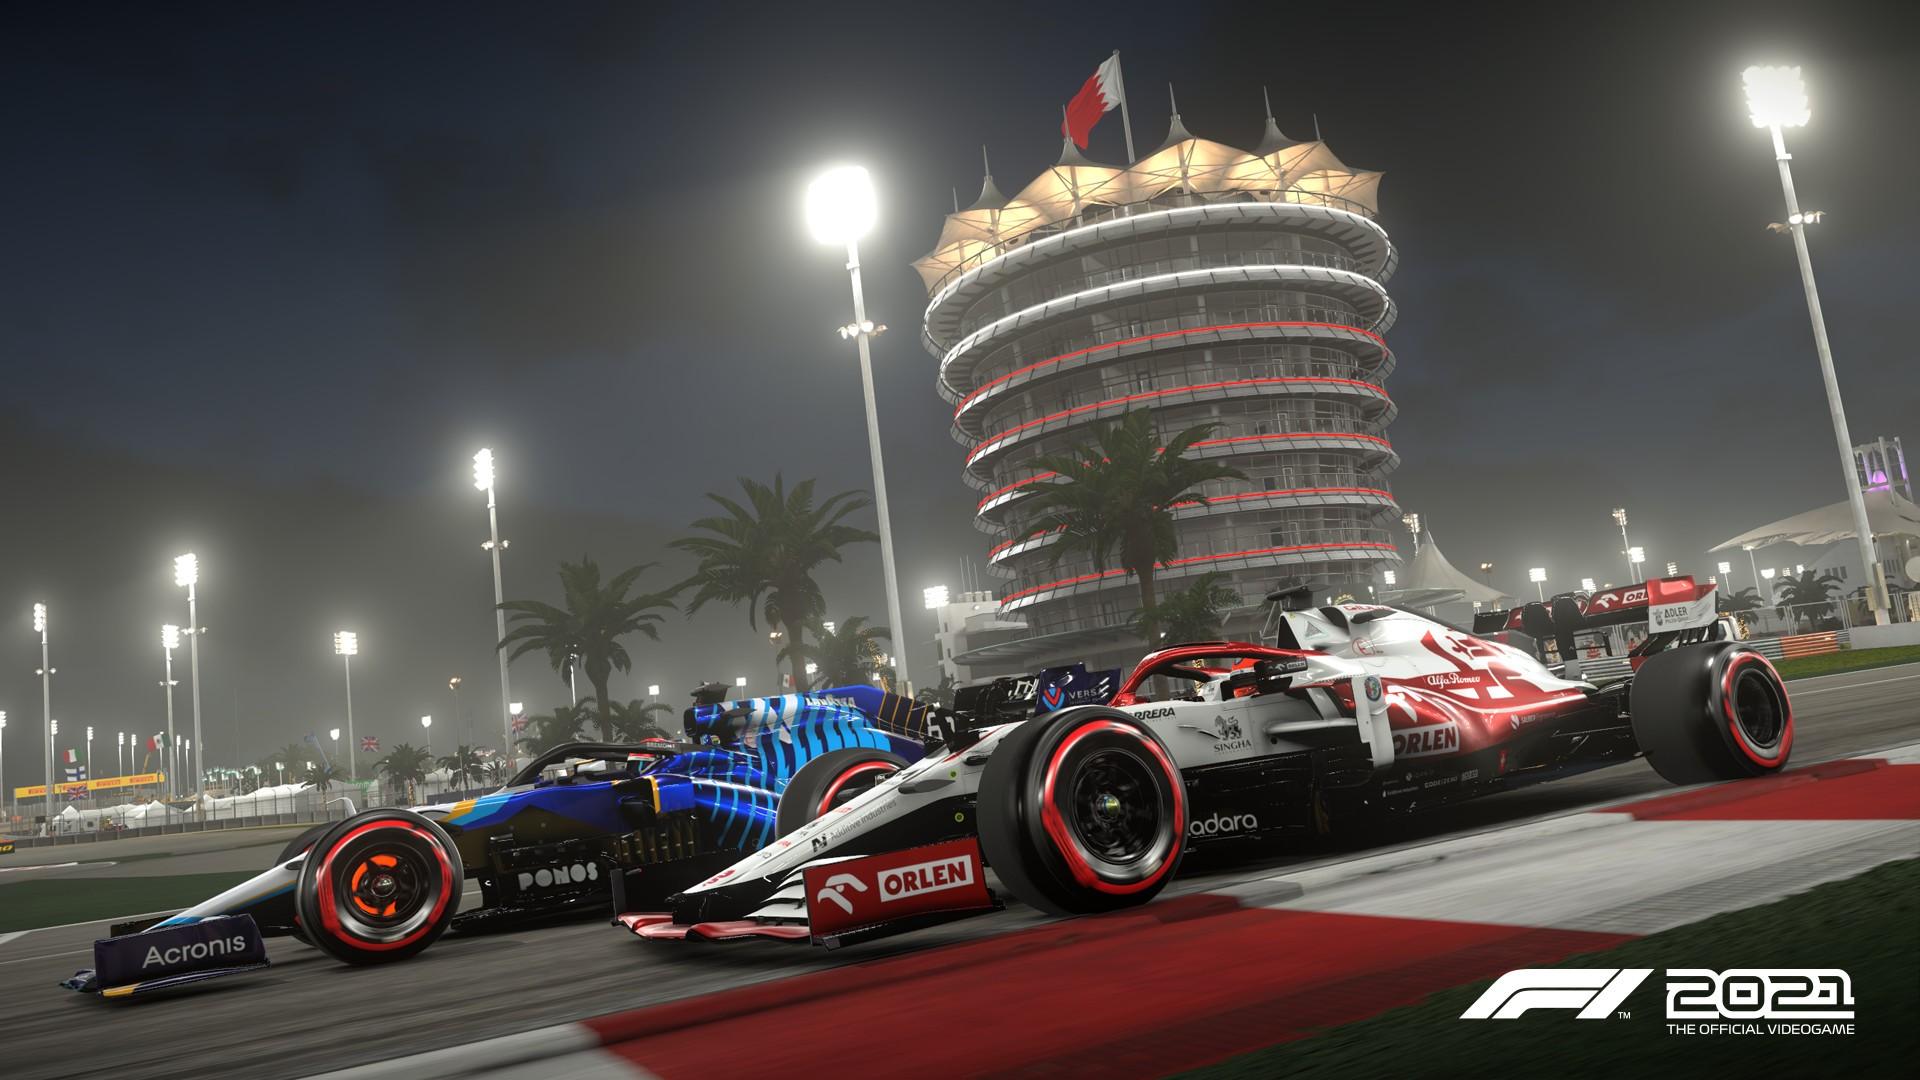 F1 2021 官方高清截图(7)